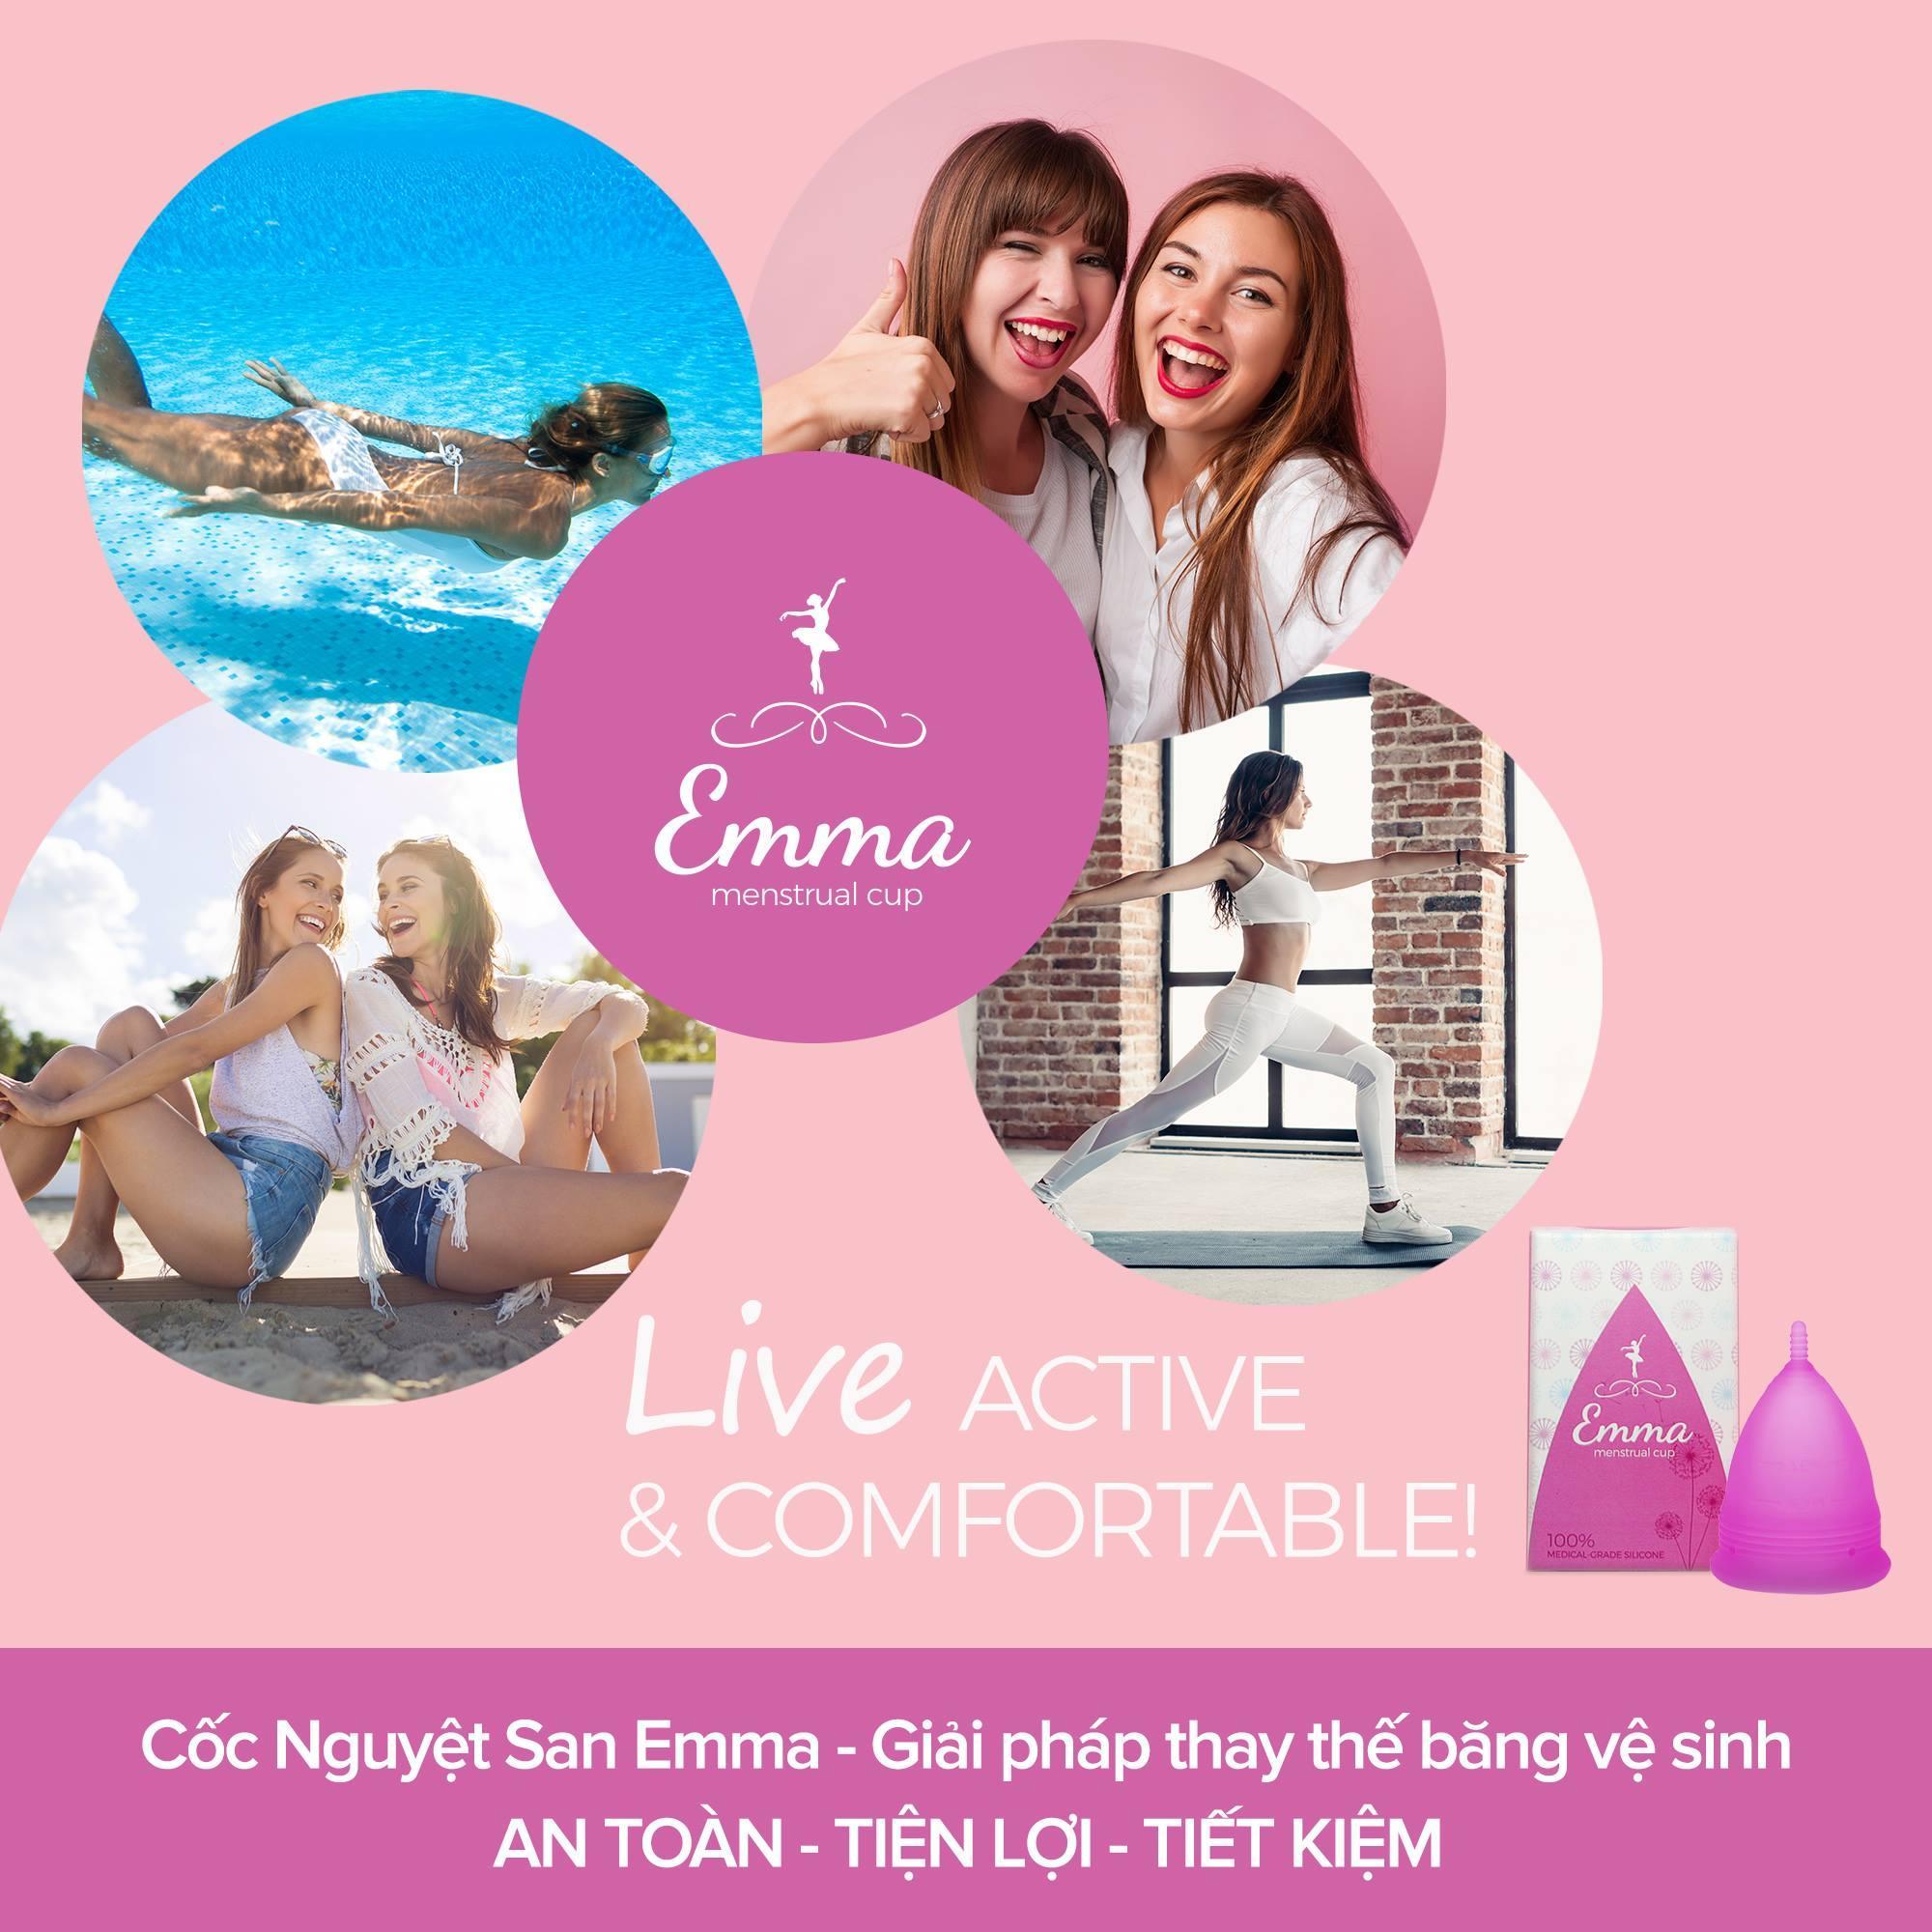 Combo 2 Cốc nguyệt san Emma Cup - Màu Hồng + Màu xanh + Quà tặng